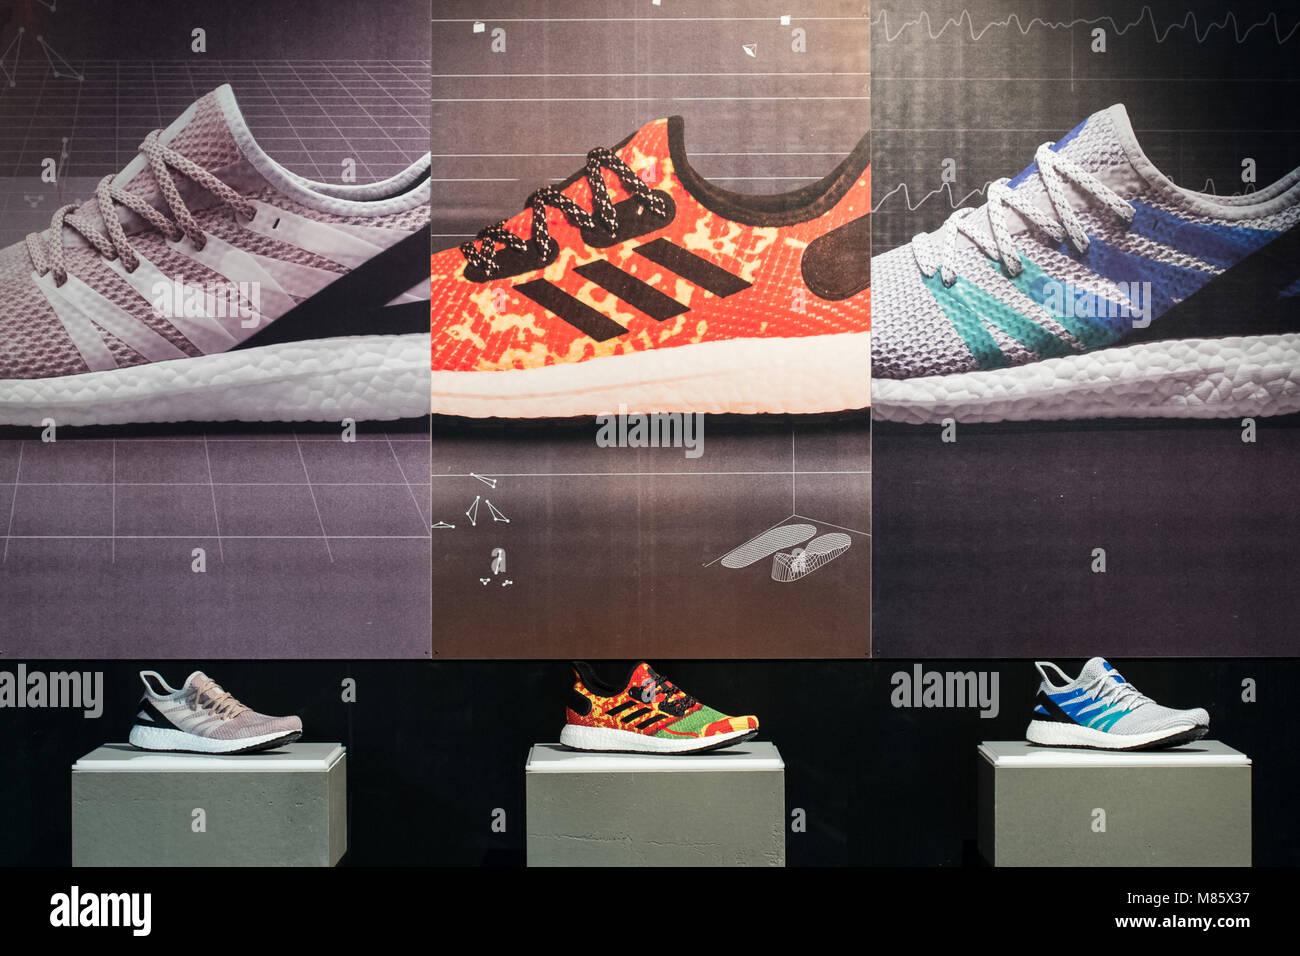 14 März 2018, Deutschland, Herzogenaurach: Adidas Schuhe